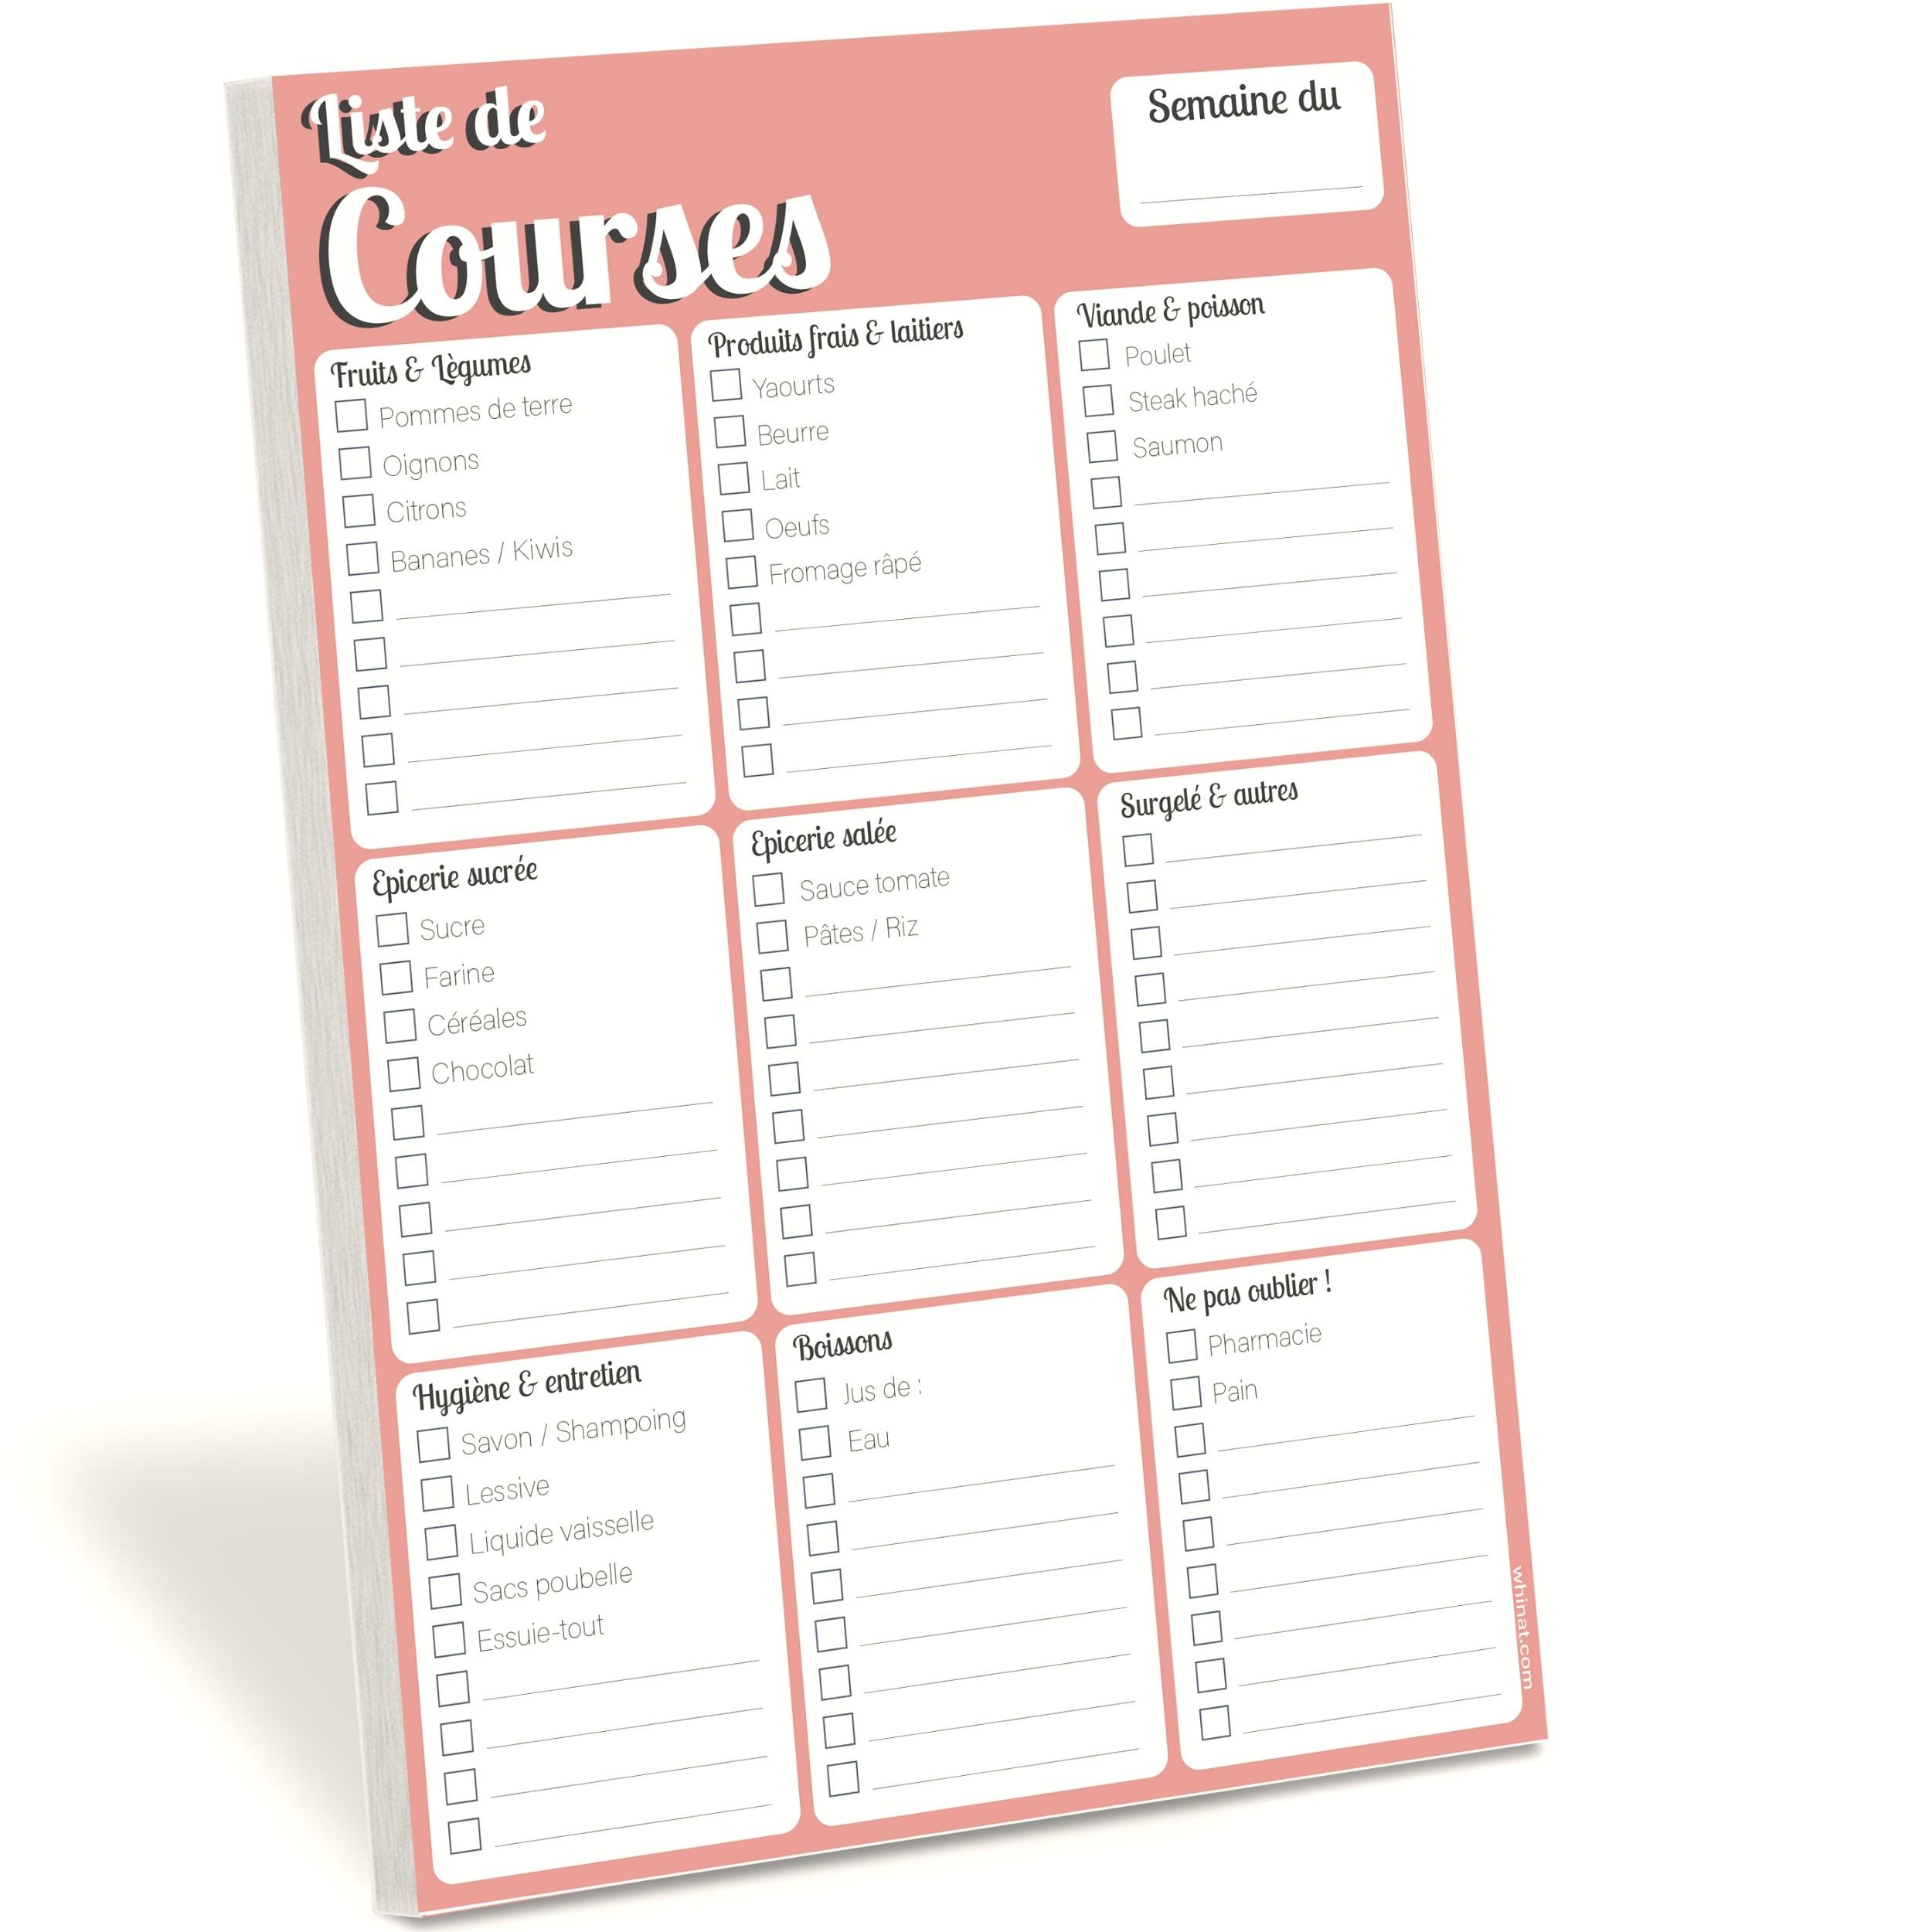 Bloc note magnétique frigo lsite de courses et menus liste de courses pour toute la semaine